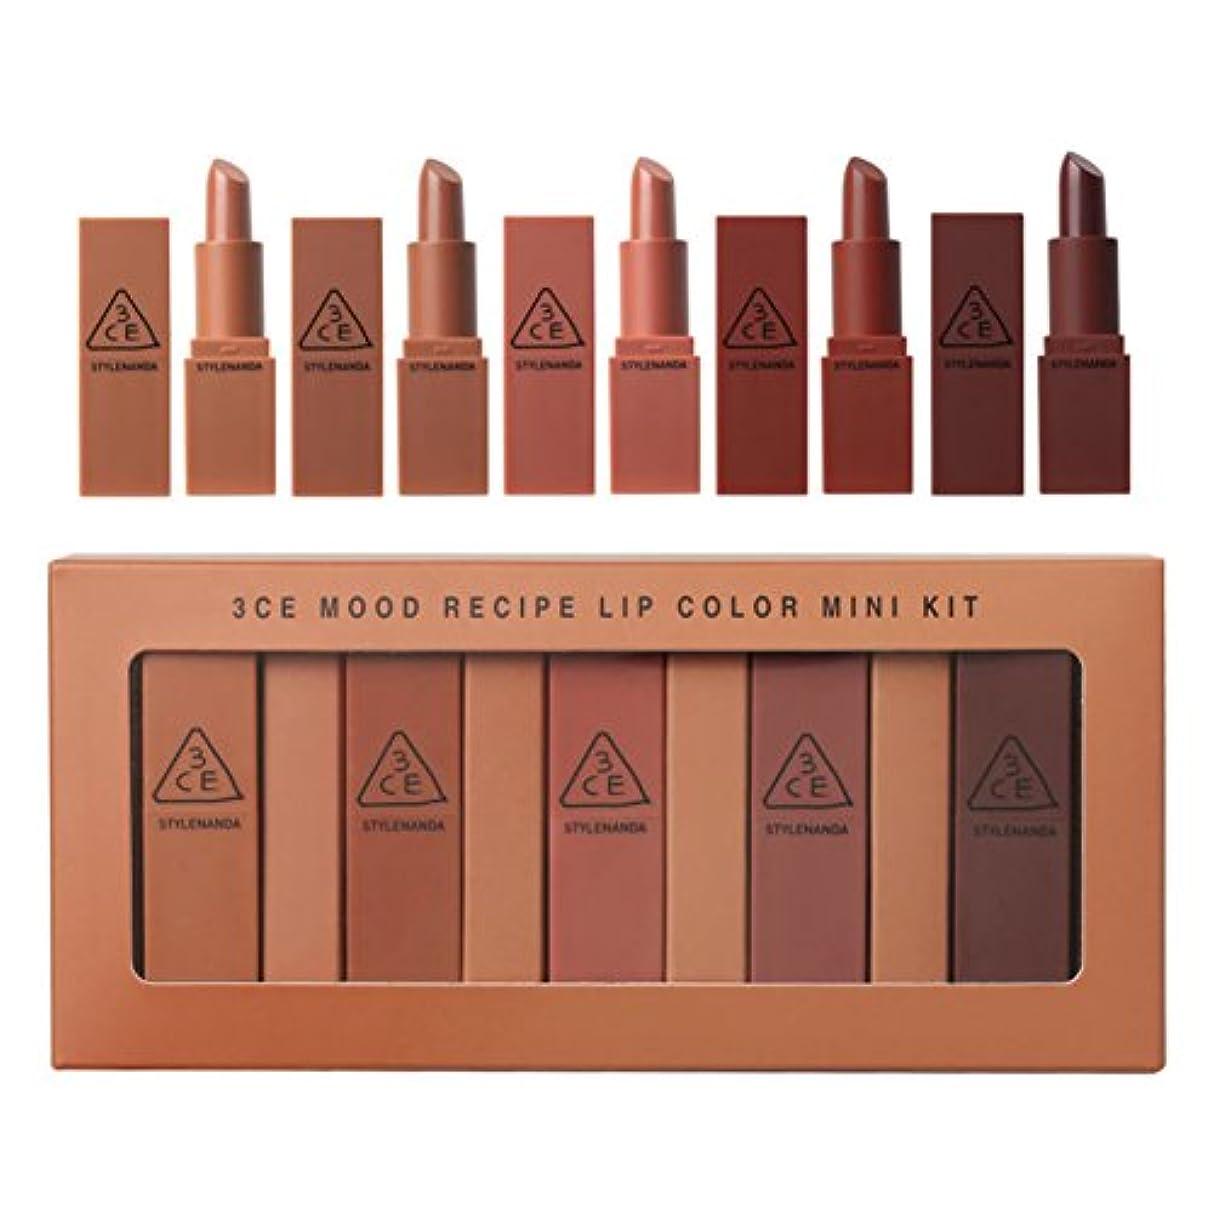 飢饉マリナー無視できる3CE mood recipe lip color mini kit 3CE ムードレシピ リップ カラー ミニ キット[並行輸入品]